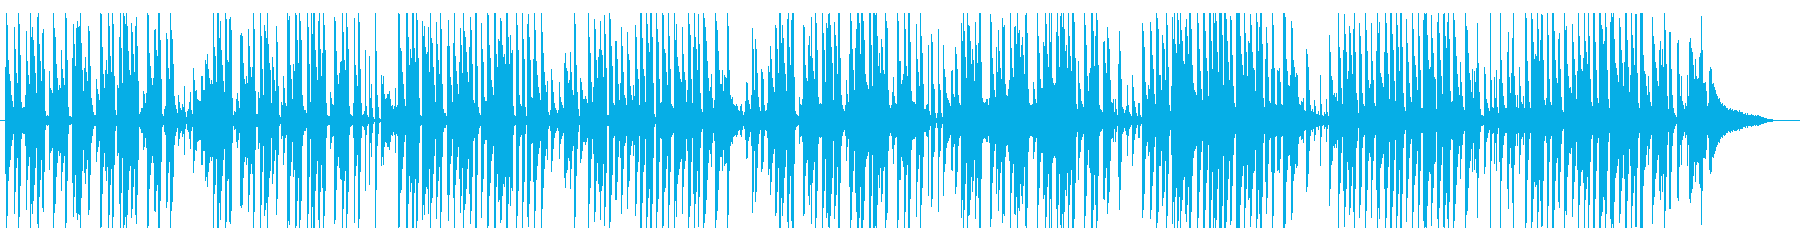 ビニールピアノジャズでおしゃれで爽やかの再生済みの波形